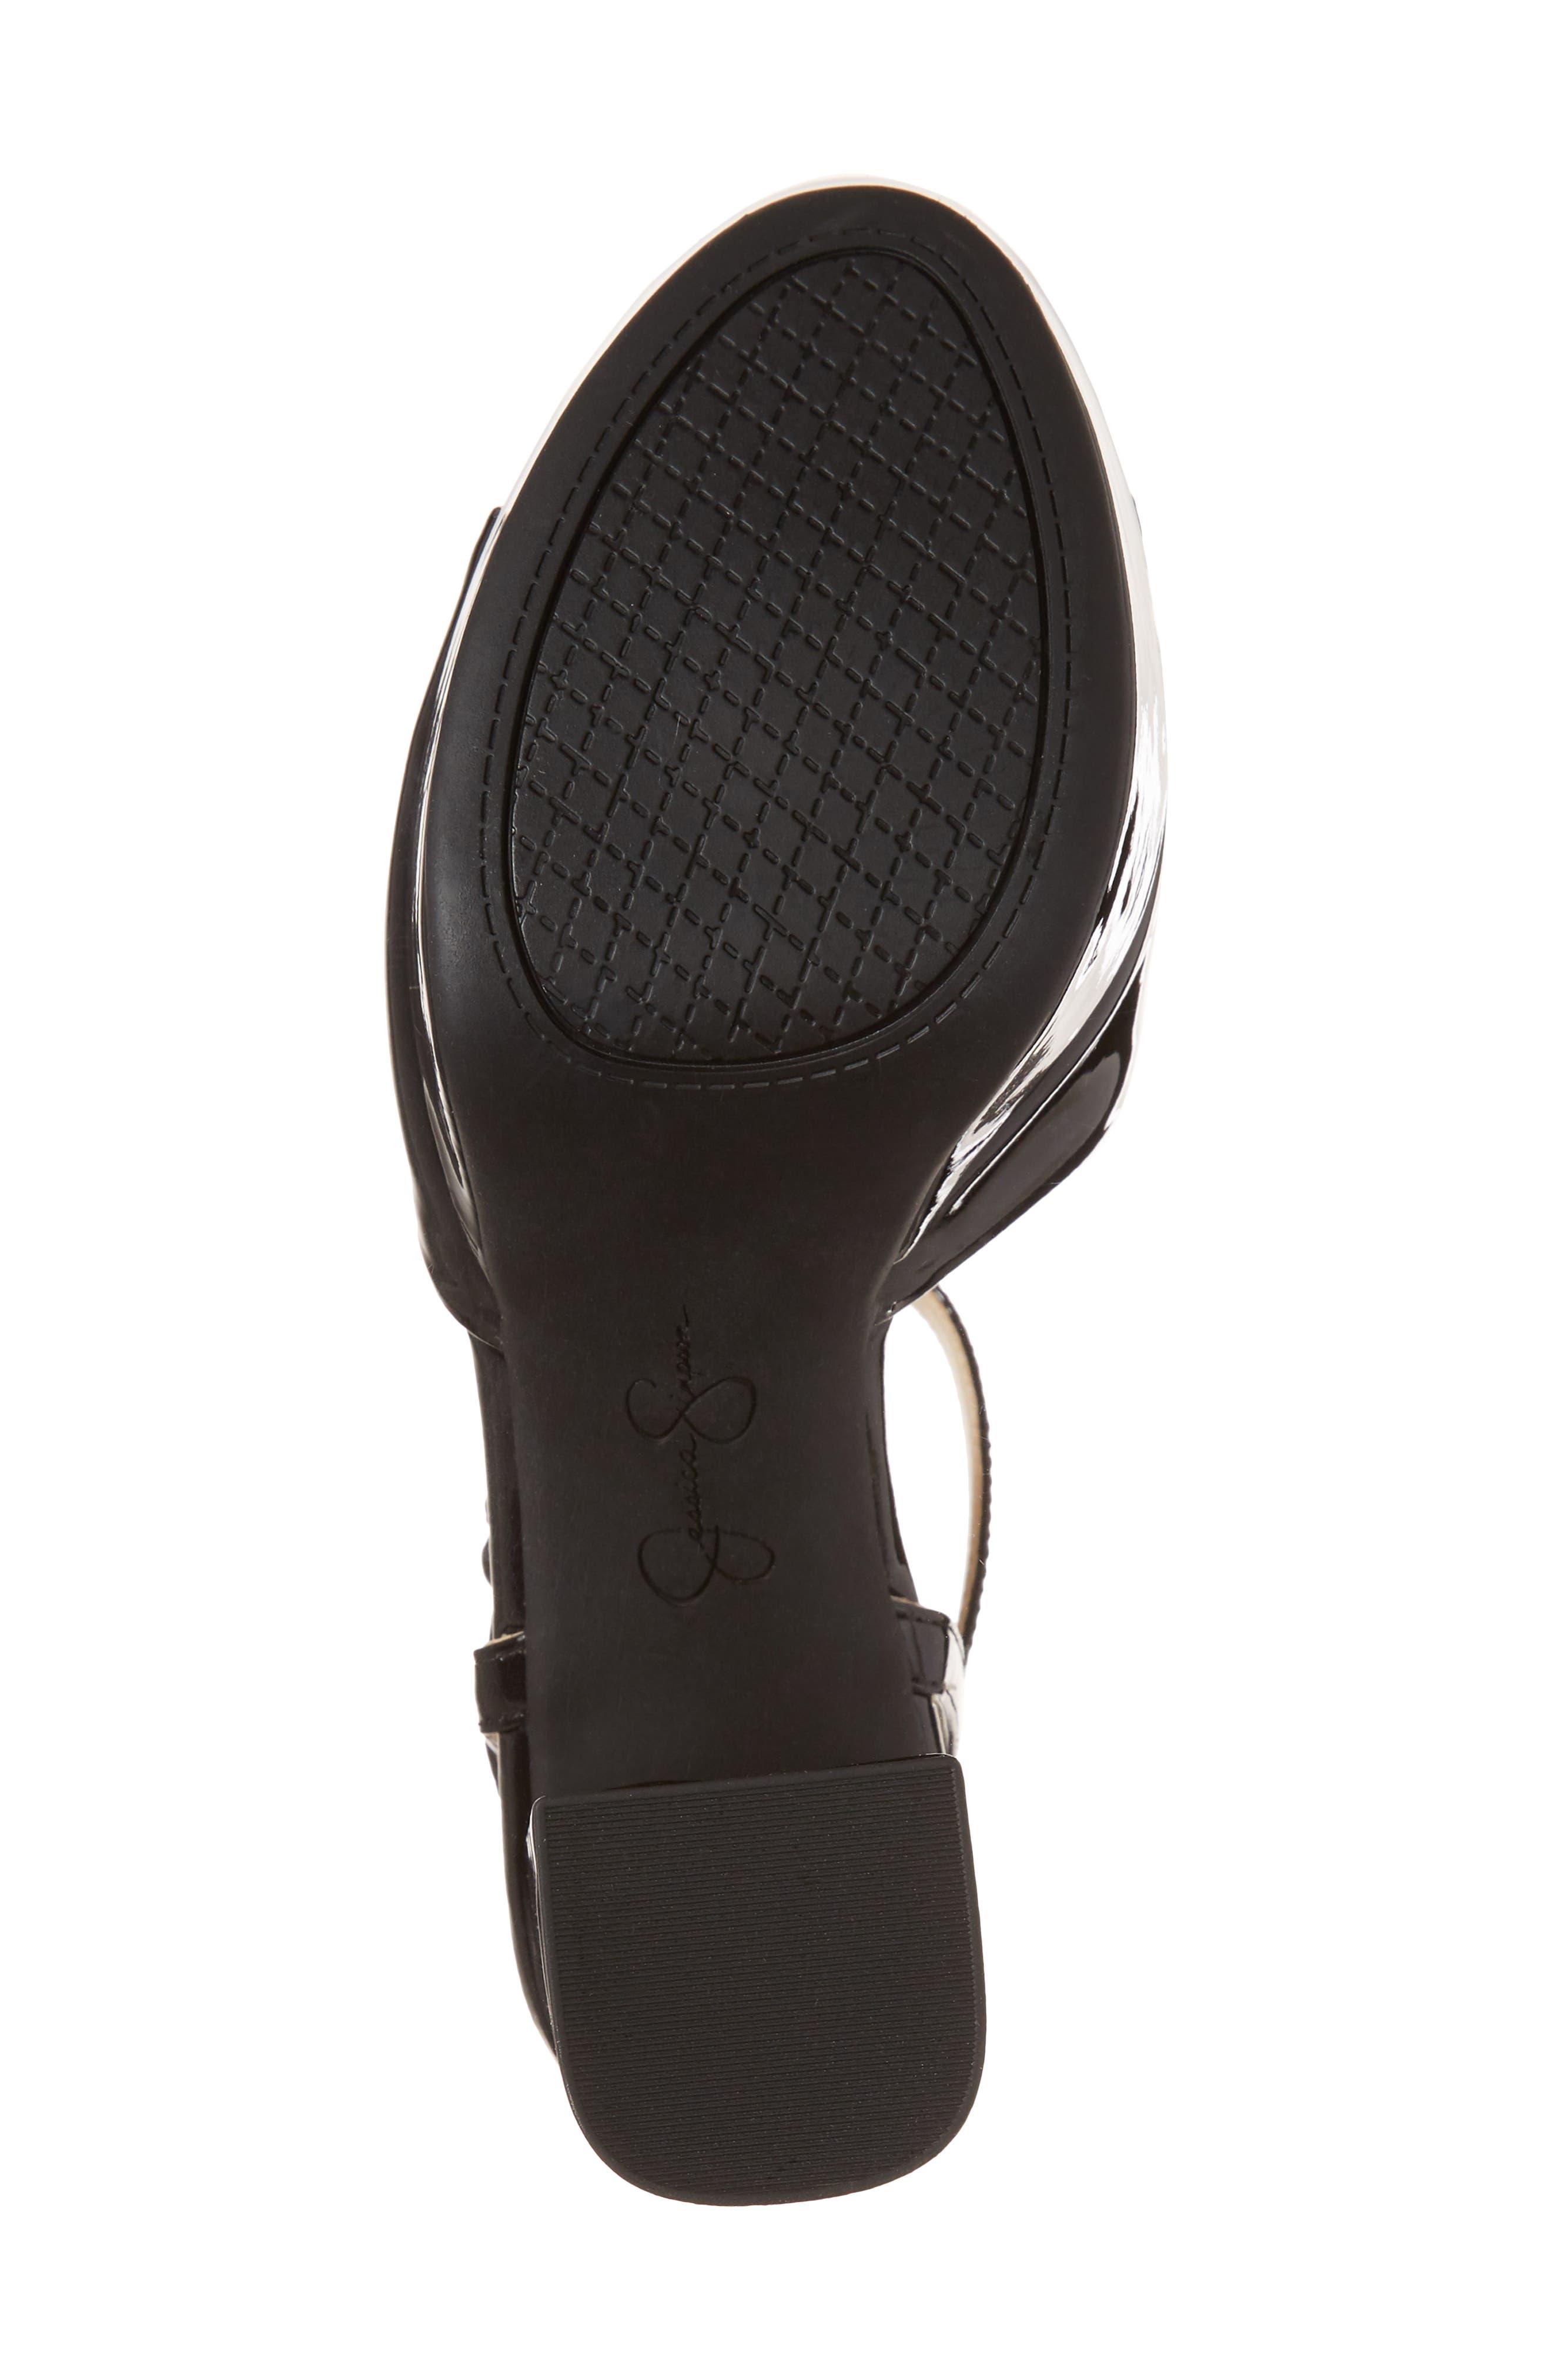 Kerrick Platform Sandal,                             Alternate thumbnail 6, color,                             Black Patent Leather